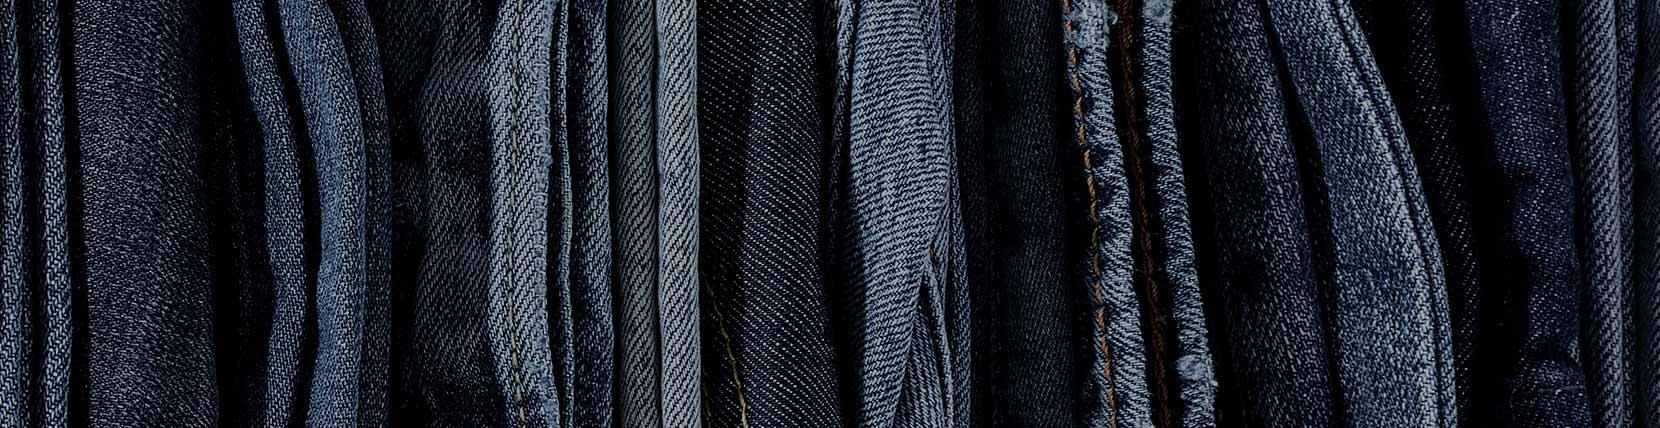 zalando tommy hilfiger damen jeans. Black Bedroom Furniture Sets. Home Design Ideas